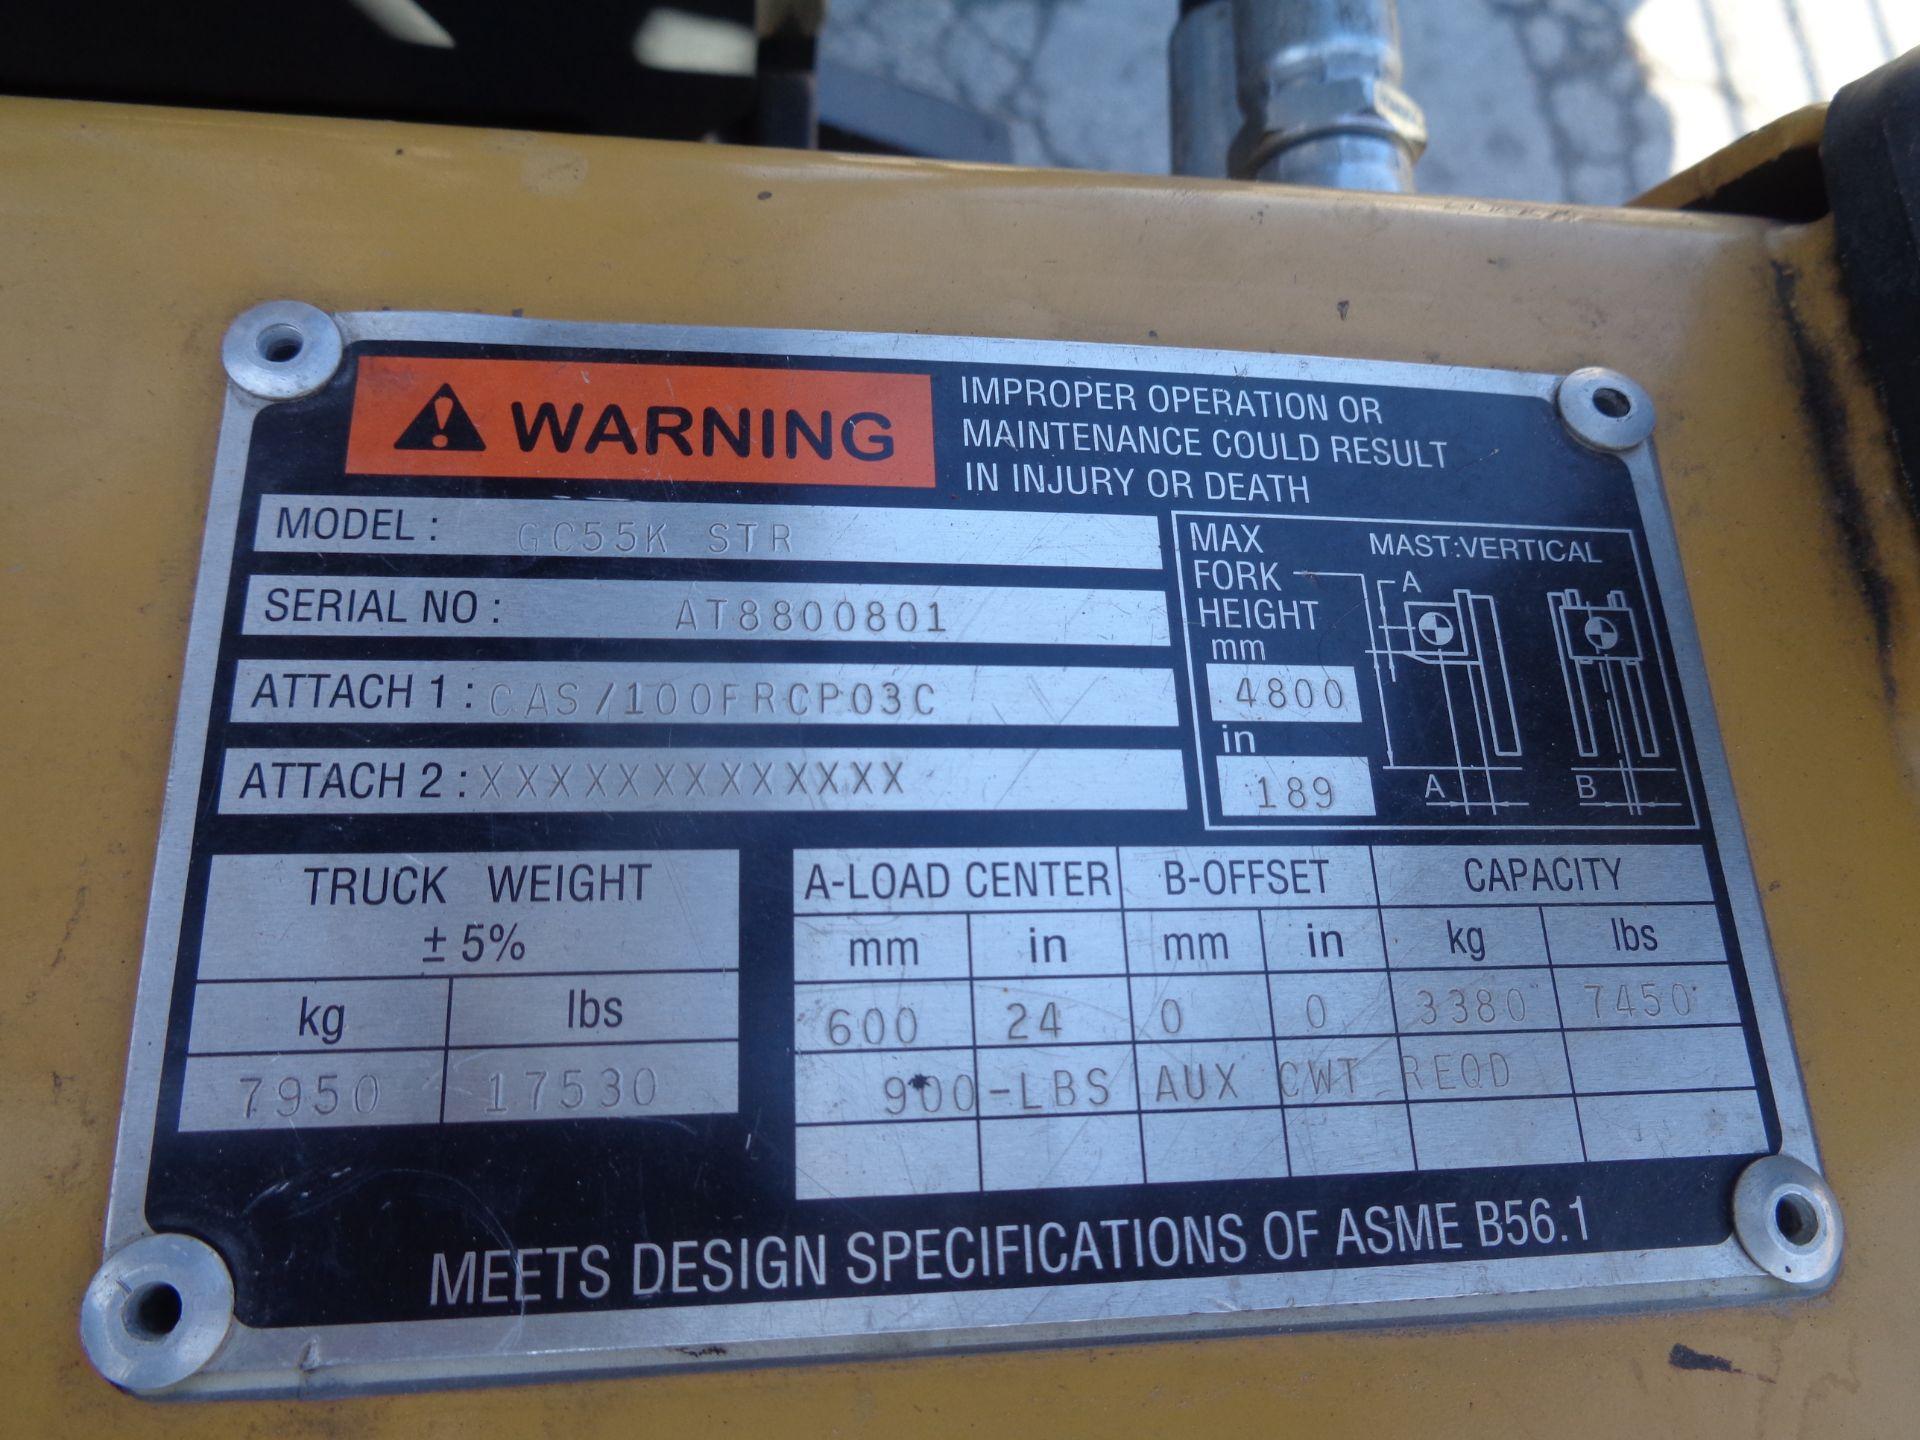 Caterpillar GC55KSTR 11,000lb Forklift - Image 5 of 14